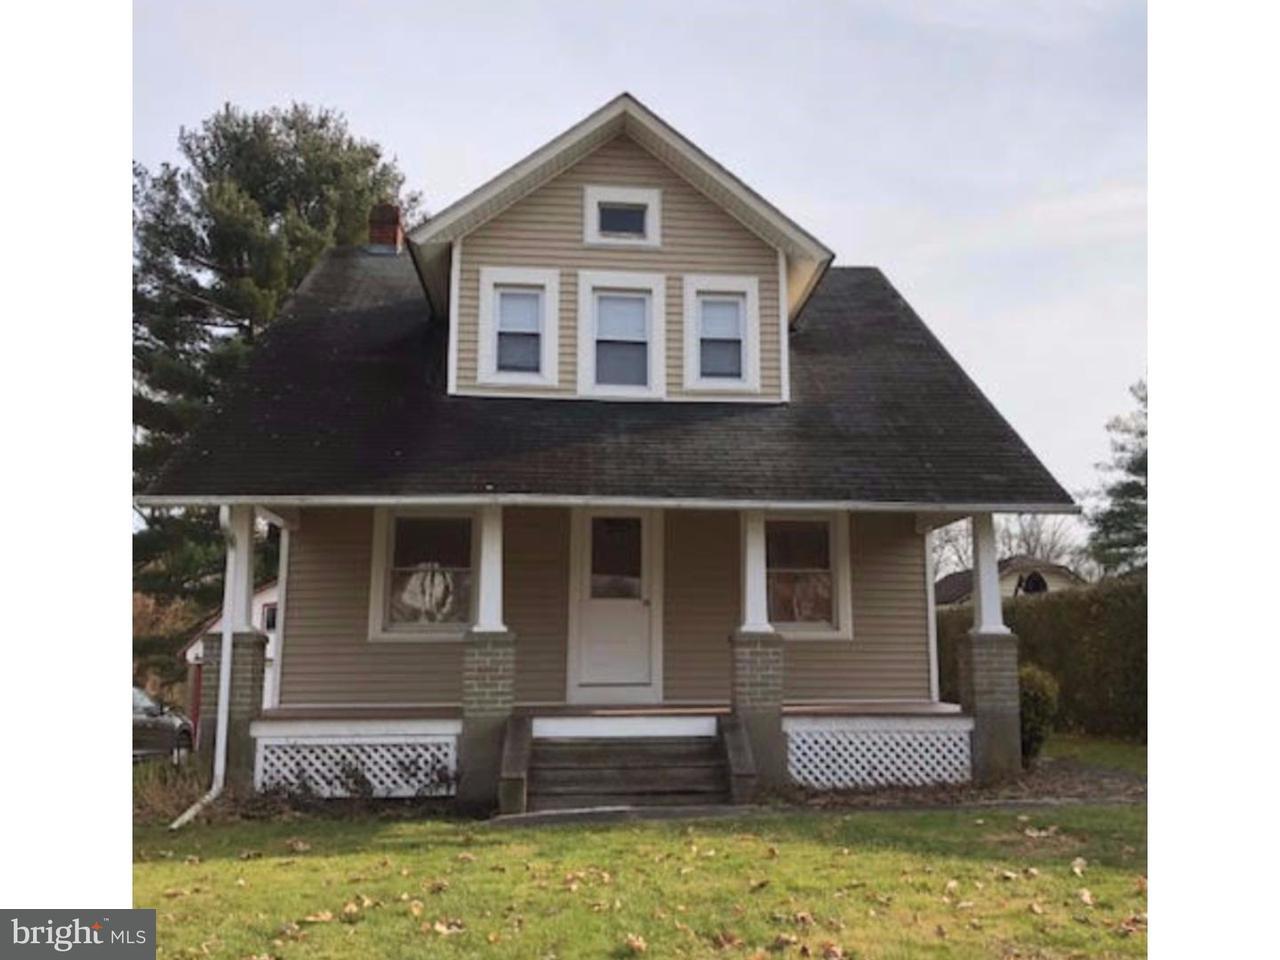 独户住宅 为 出租 在 3137 BEDMINSTER Road 奥蒂斯维尔, 宾夕法尼亚州 18942 美国